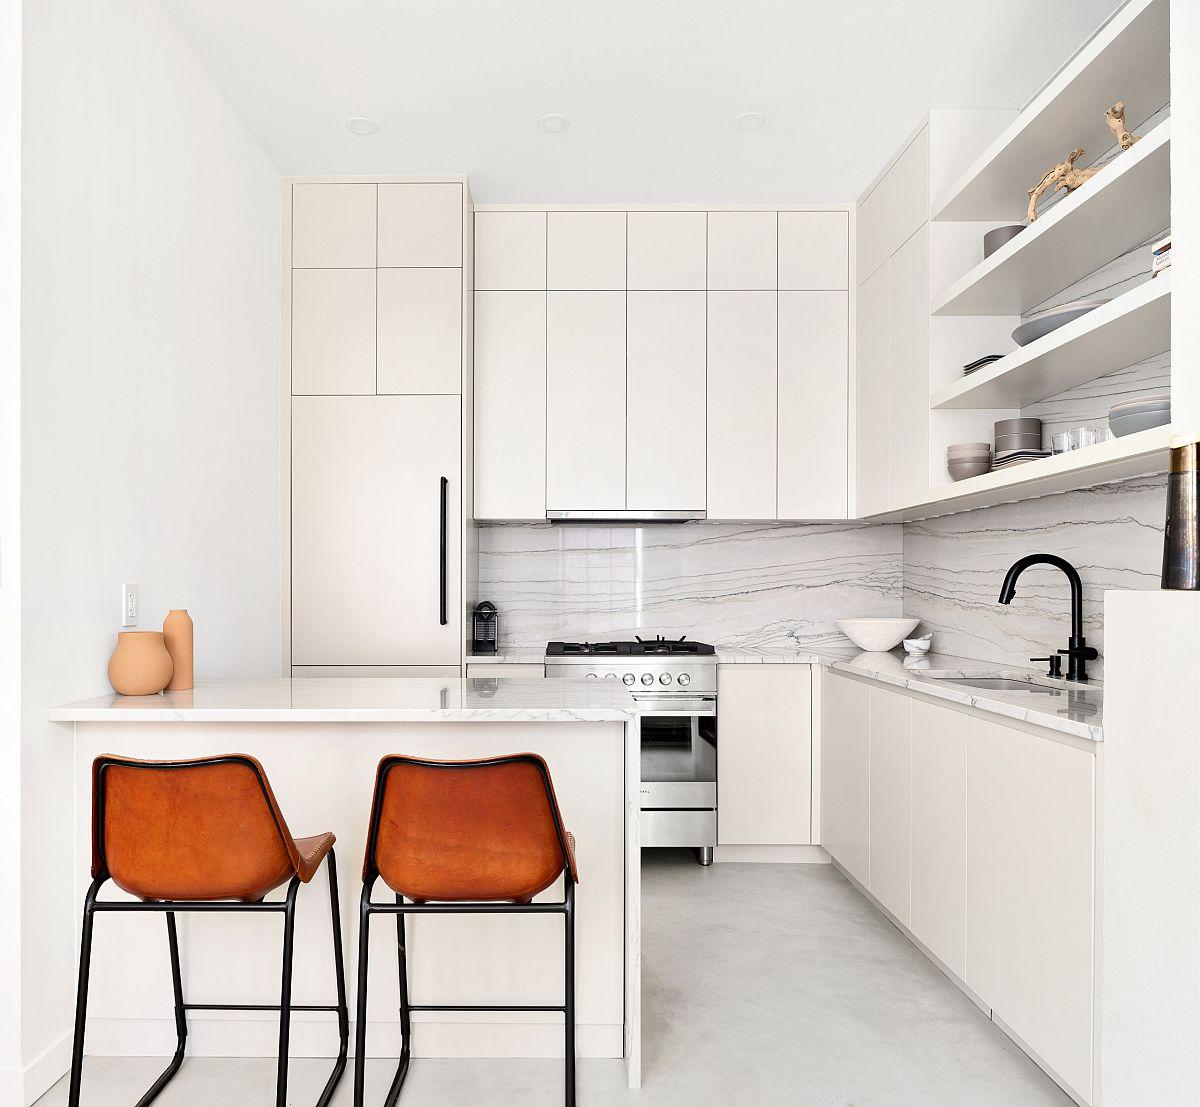 Những căn bếp nhỏ được thiết kế sáng tạo vừa đẹp vừa tiện dụng nhờ các giải pháp không ai ngờ tới - Ảnh 3.